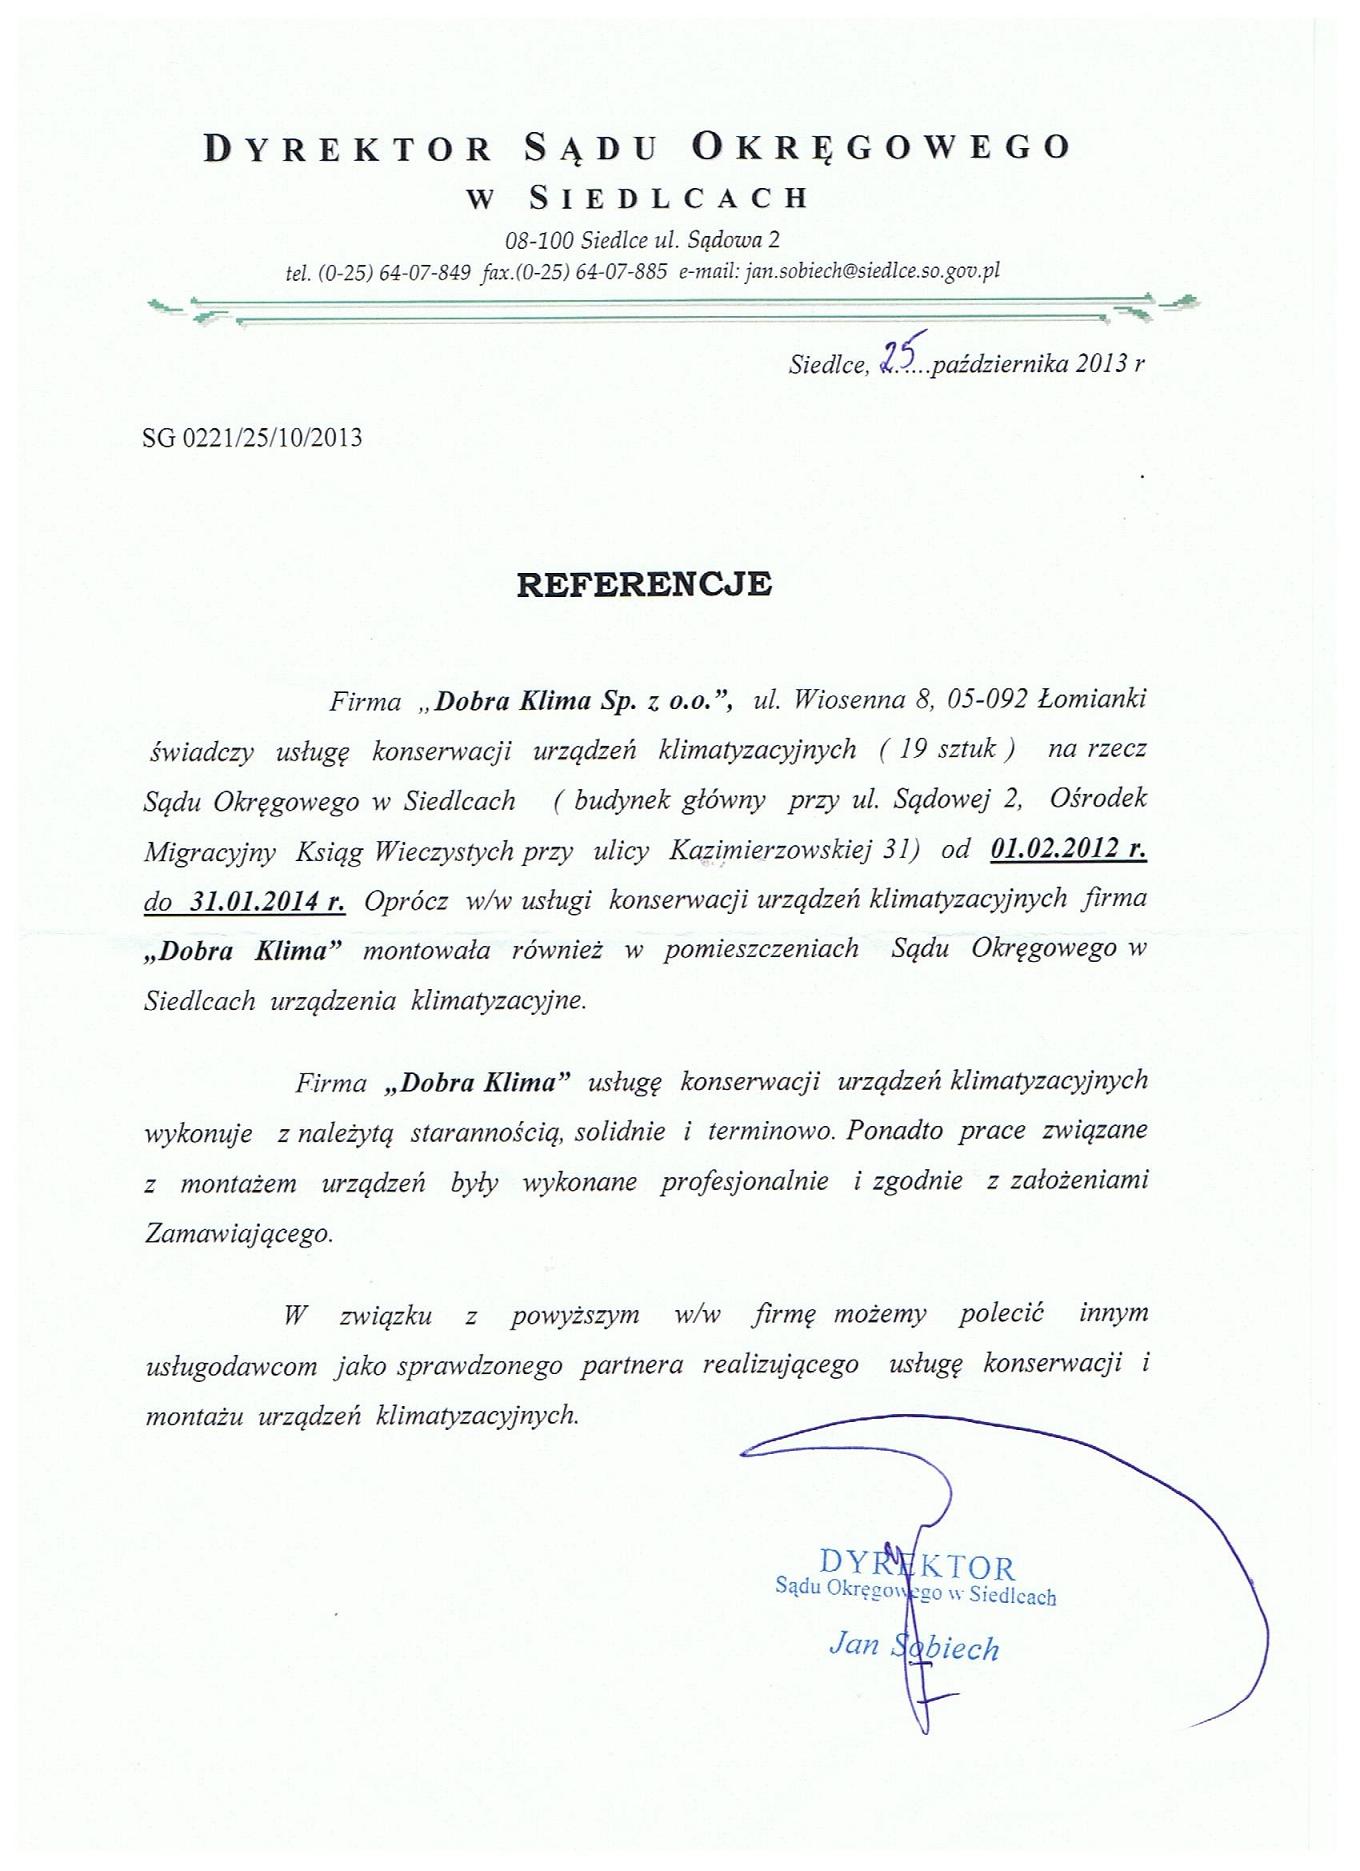 2013-referencje-sad-okregowy-w-siedlcach